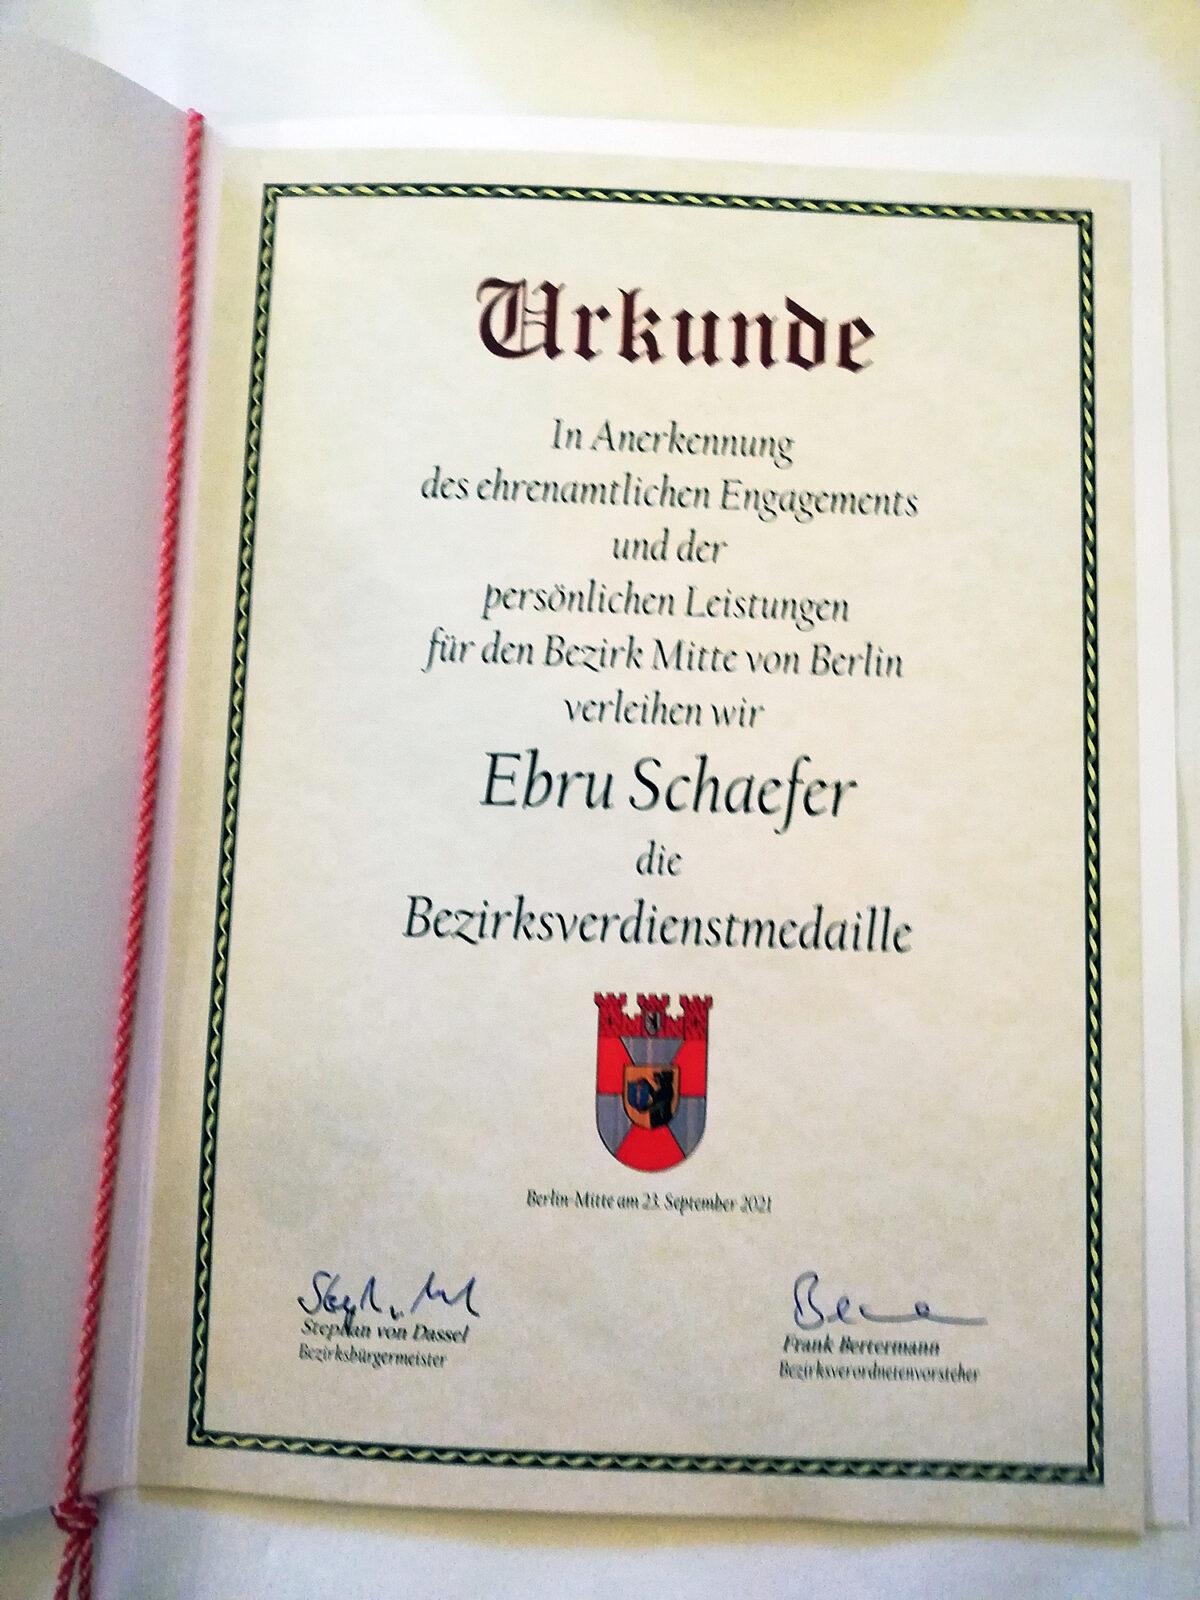 Ebru Schaefers Urkunde